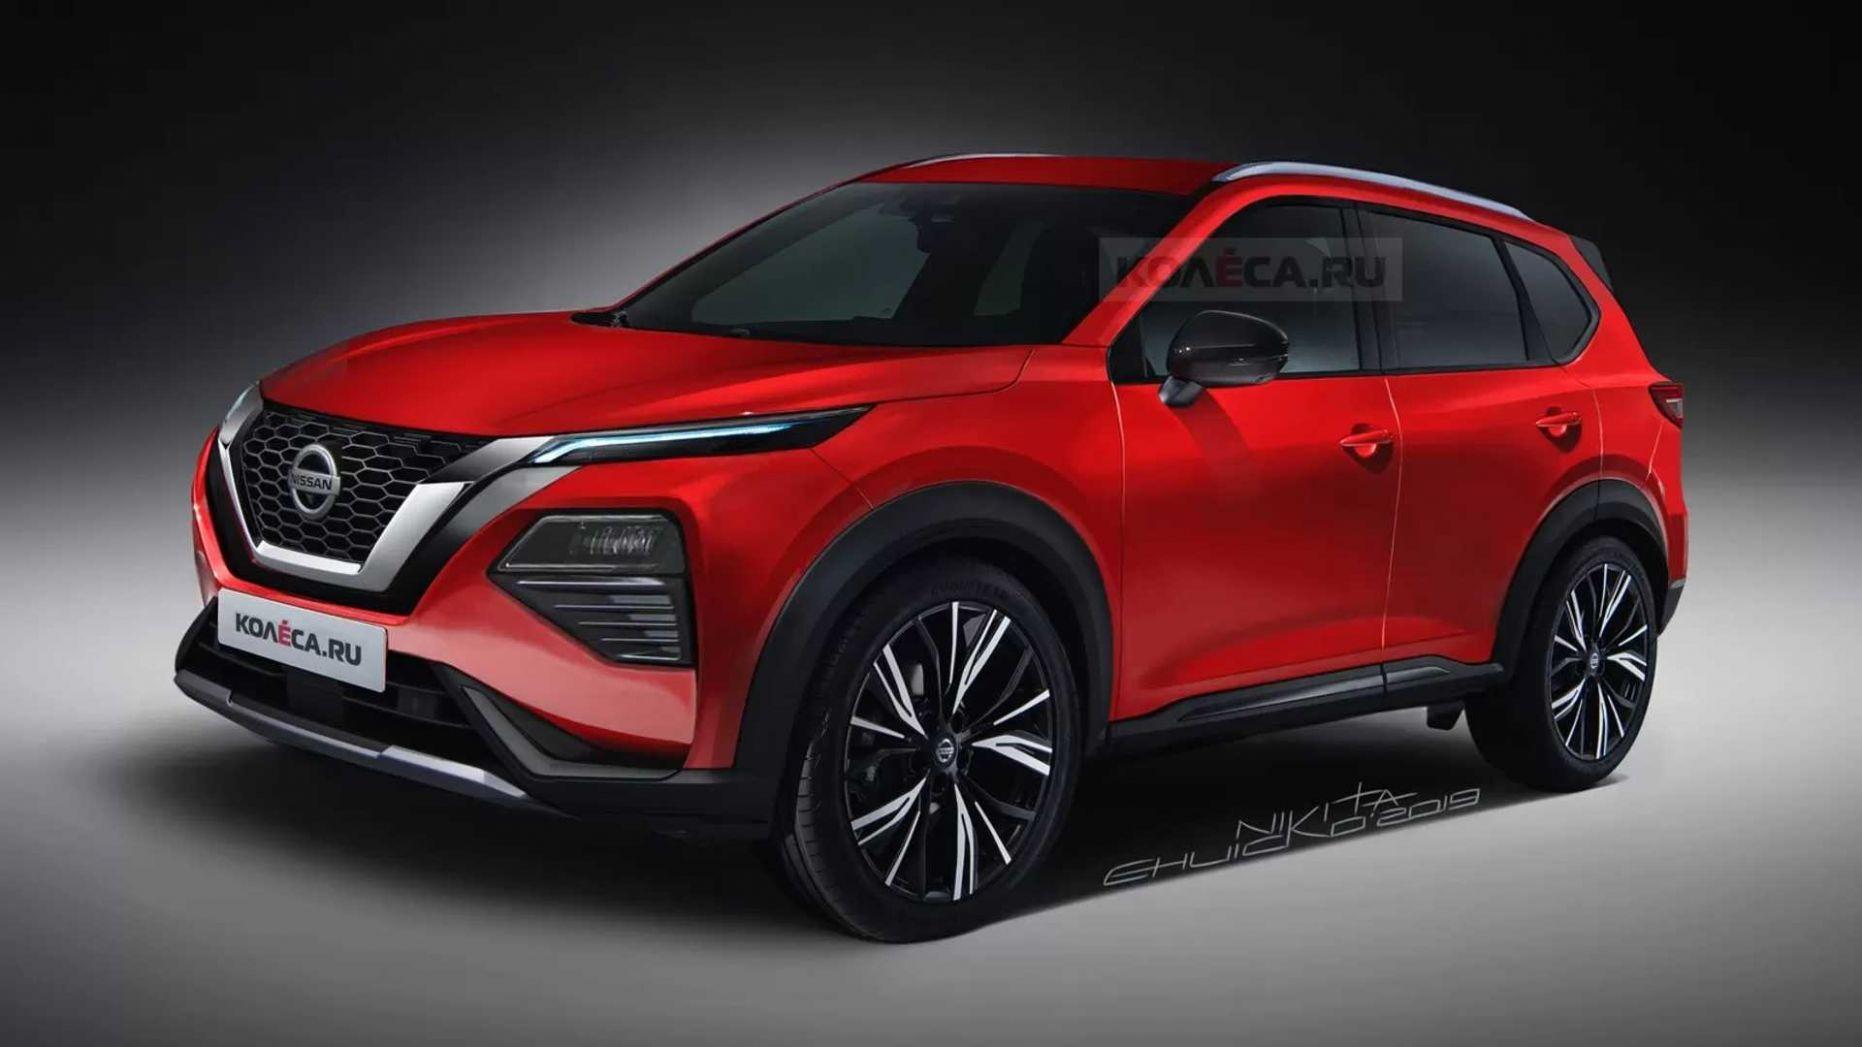 Nissan Qashqai 2021 Release Date Release Di 2020